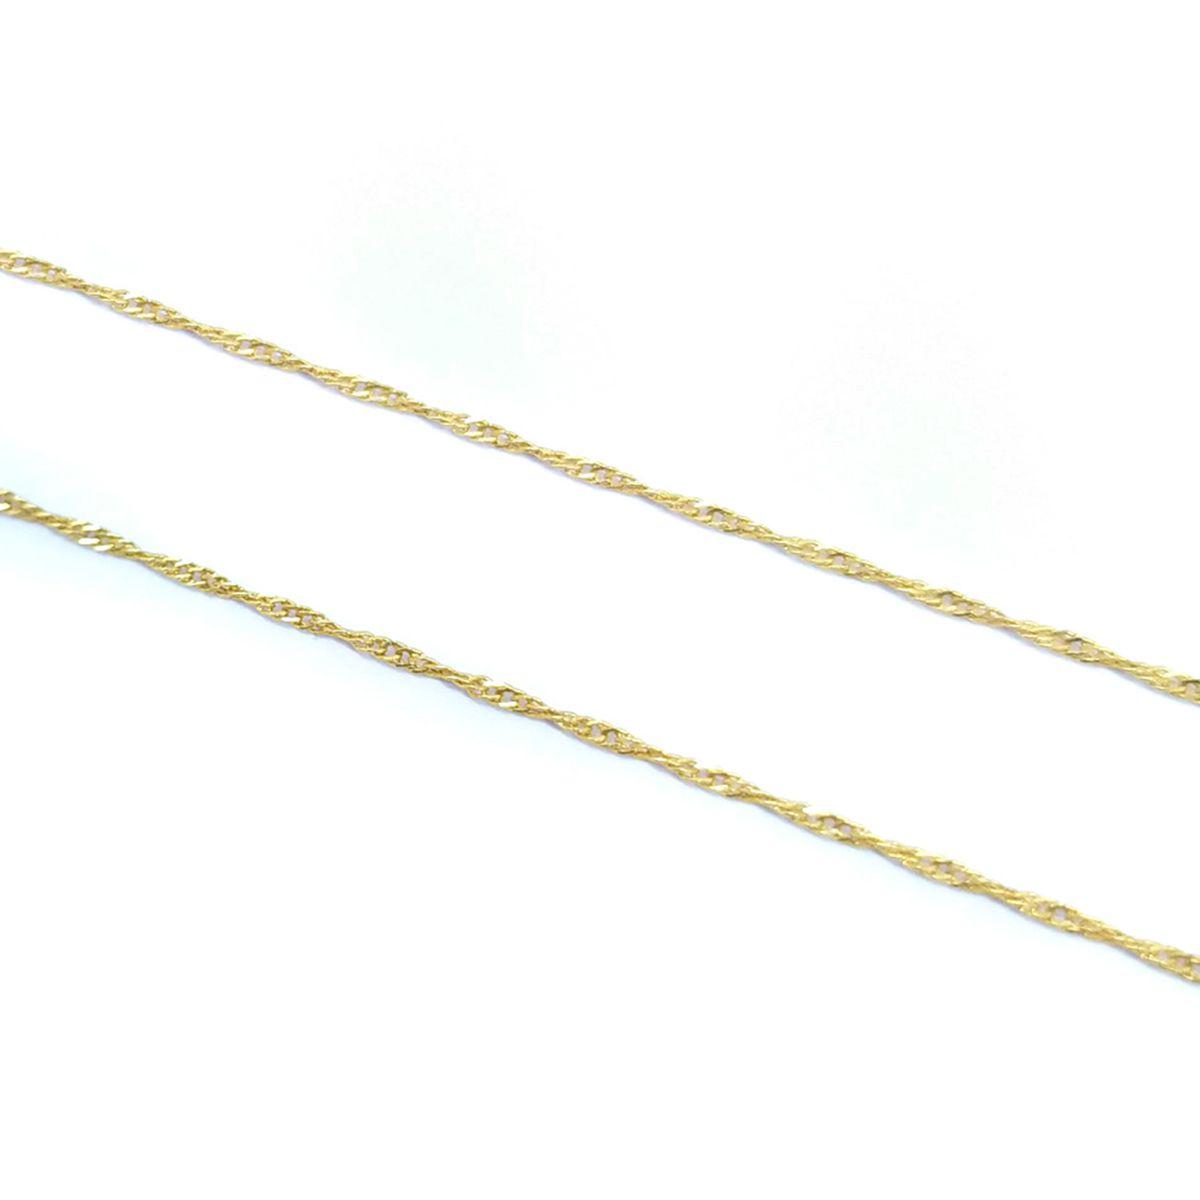 Corrente Singapura em Ouro 18K - 50cm fina